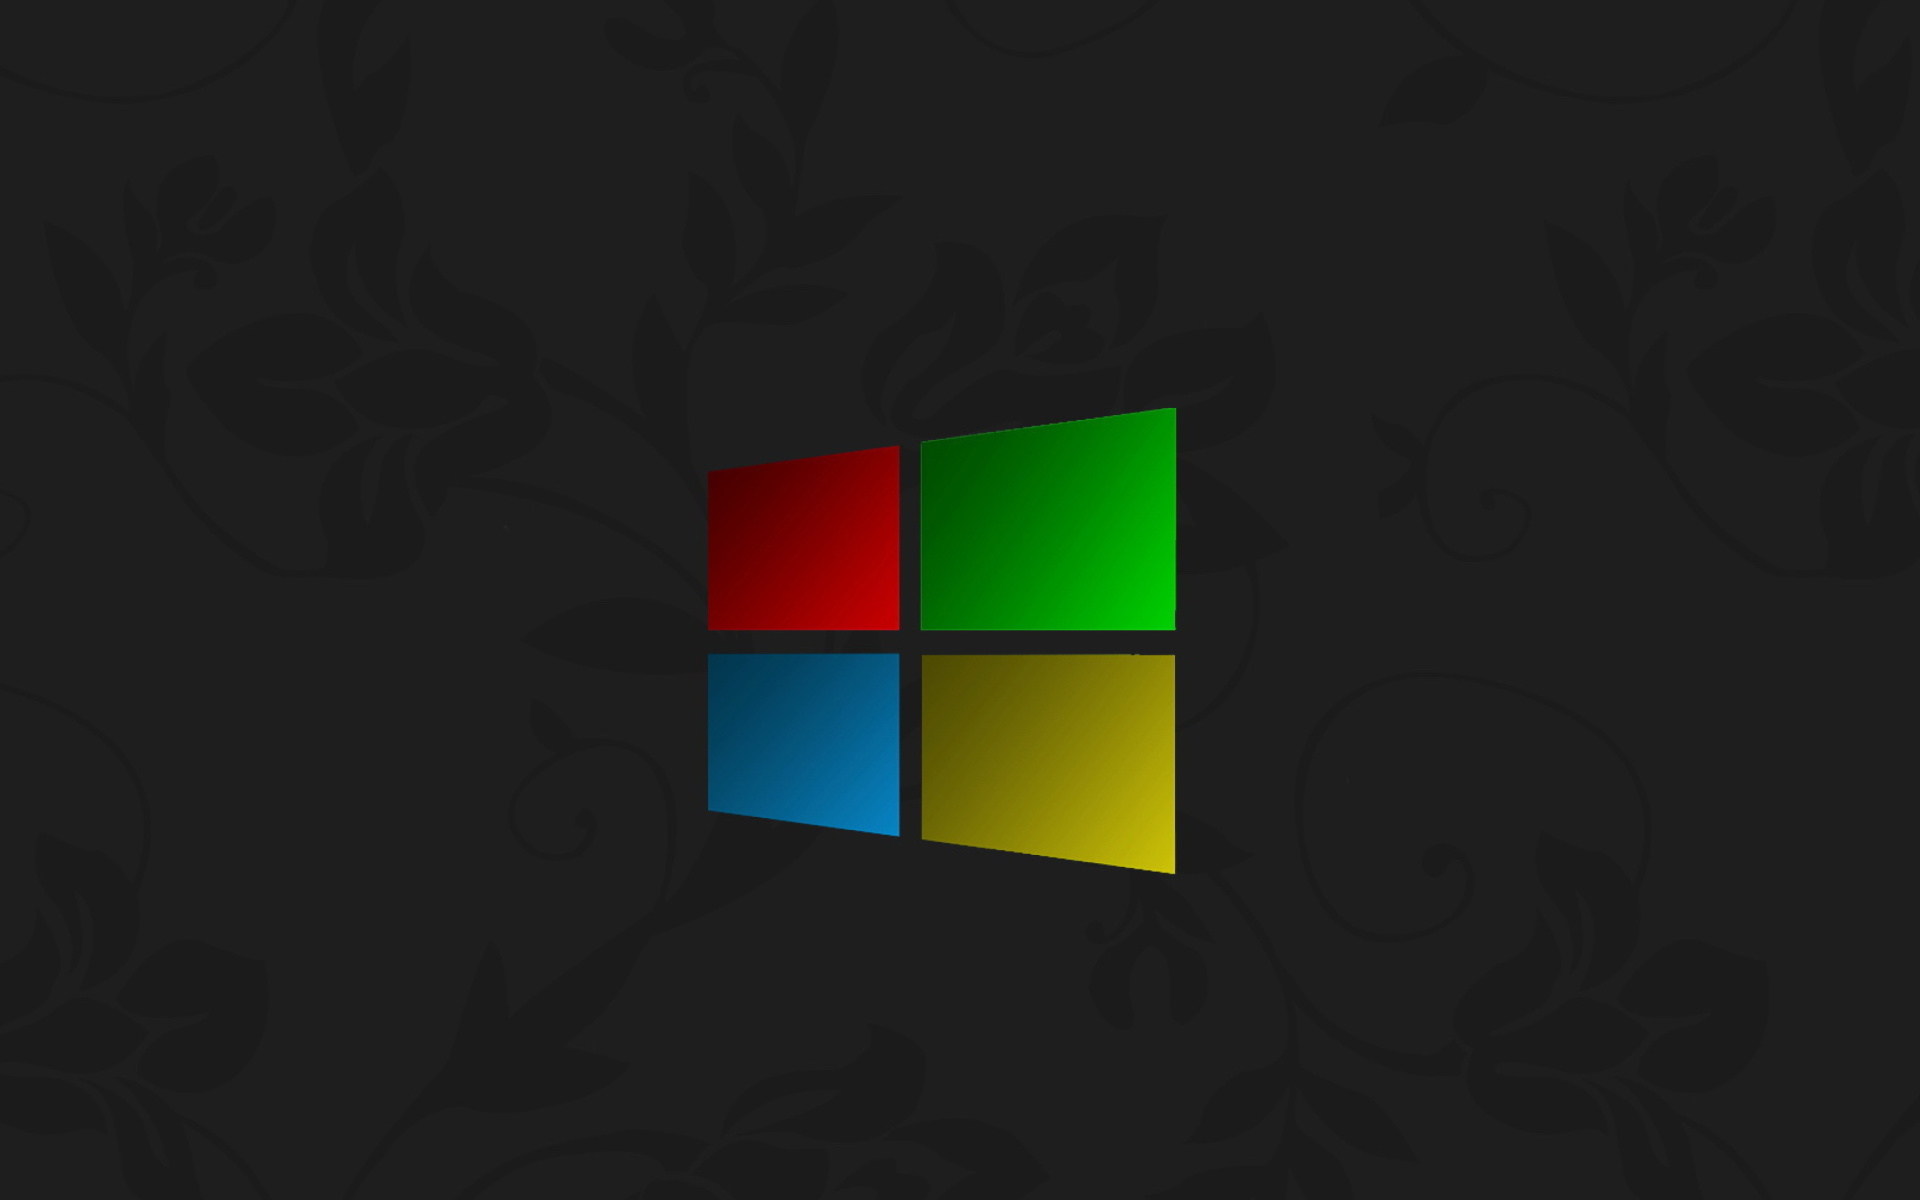 Papel De Parede Em Hd 3d Para Pc: Windows 3D Logo Papel De Parede Para Celular Para